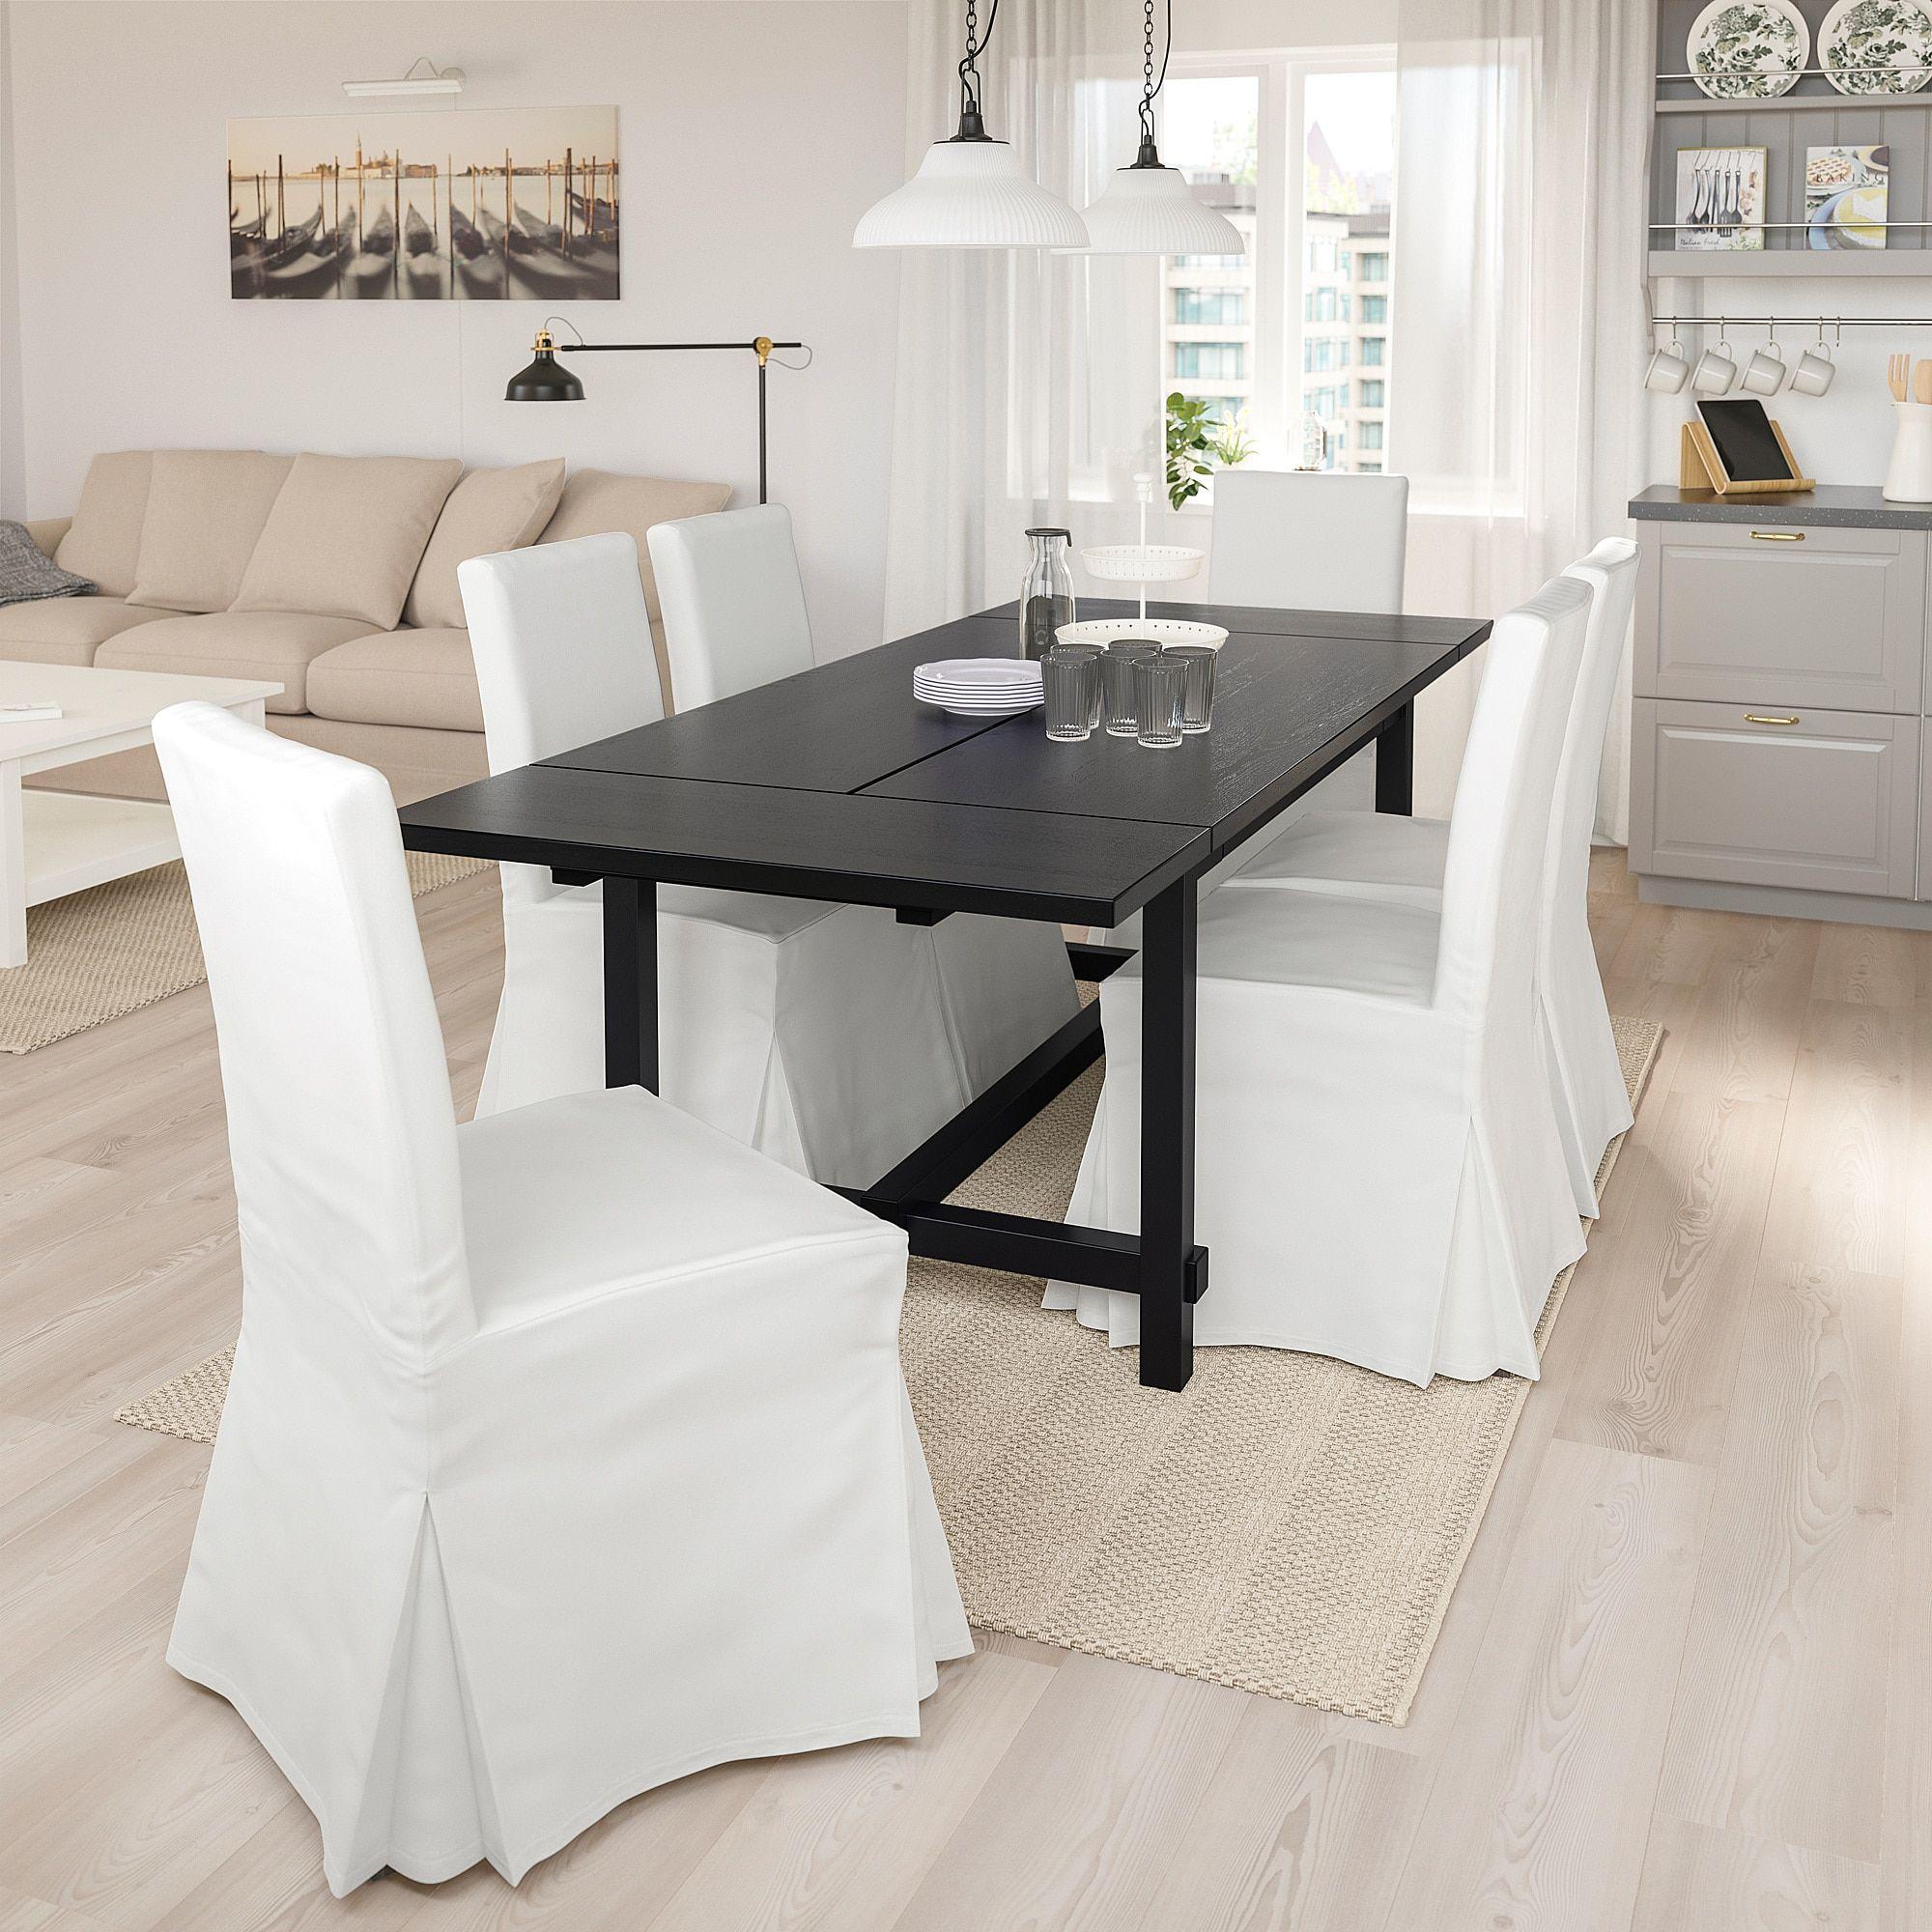 Nordviken Henriksdal Tisch Und 4 Stuhle Schwarz Blekinge Weiss